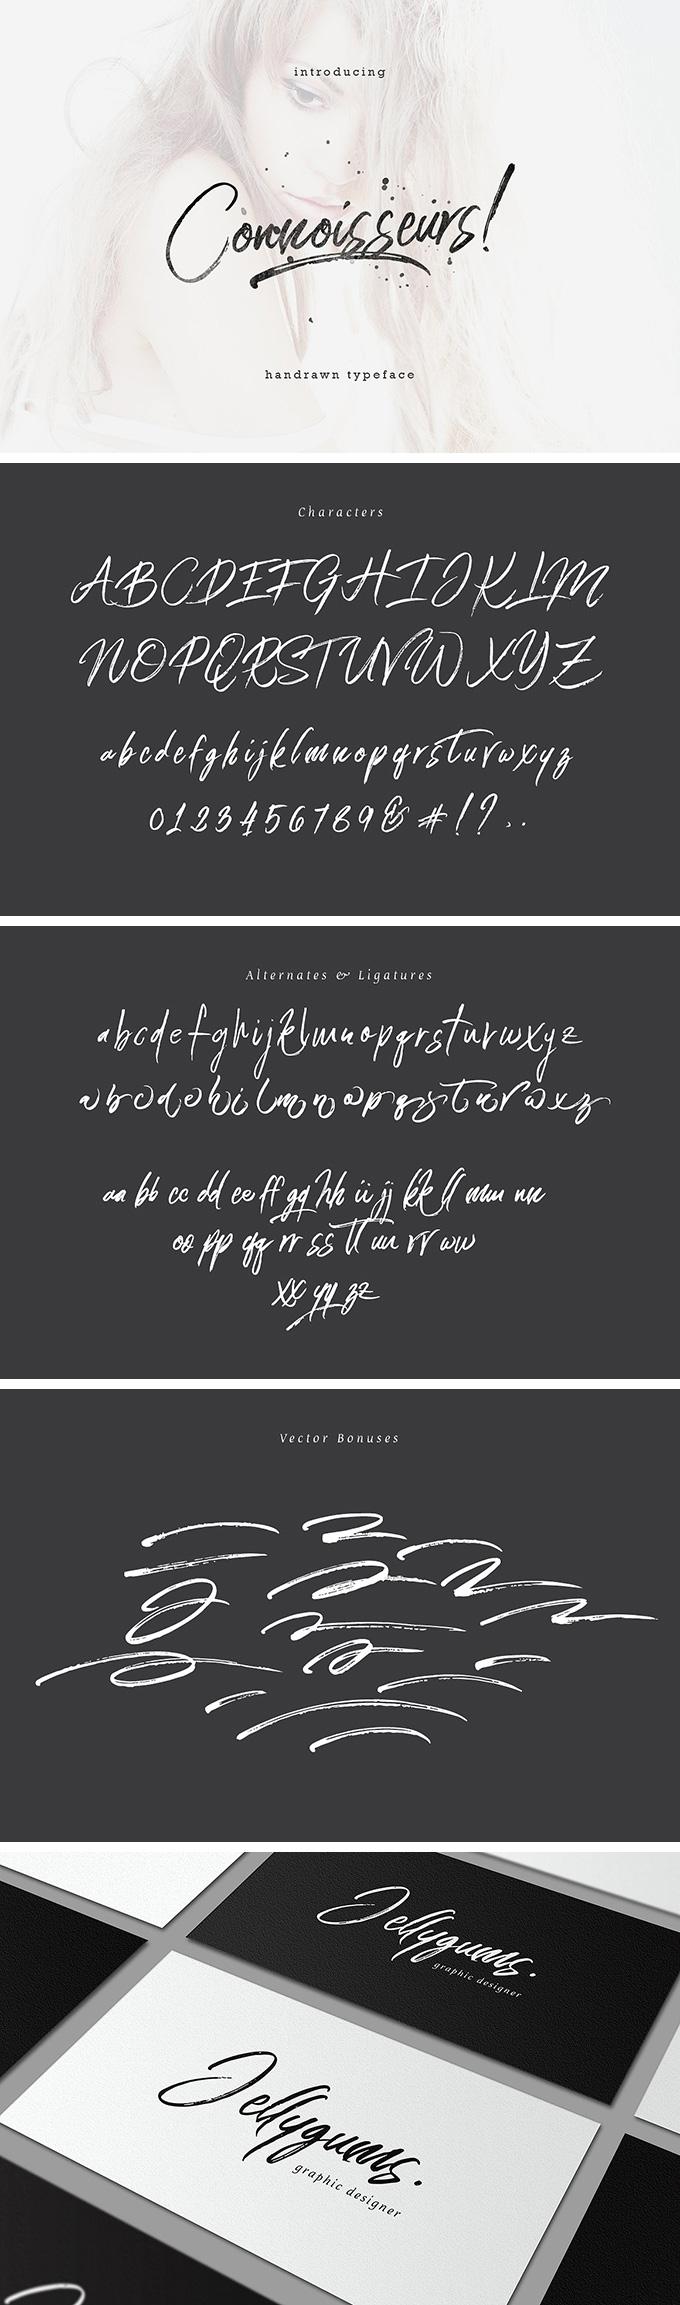 Connoisseurs Typeface font